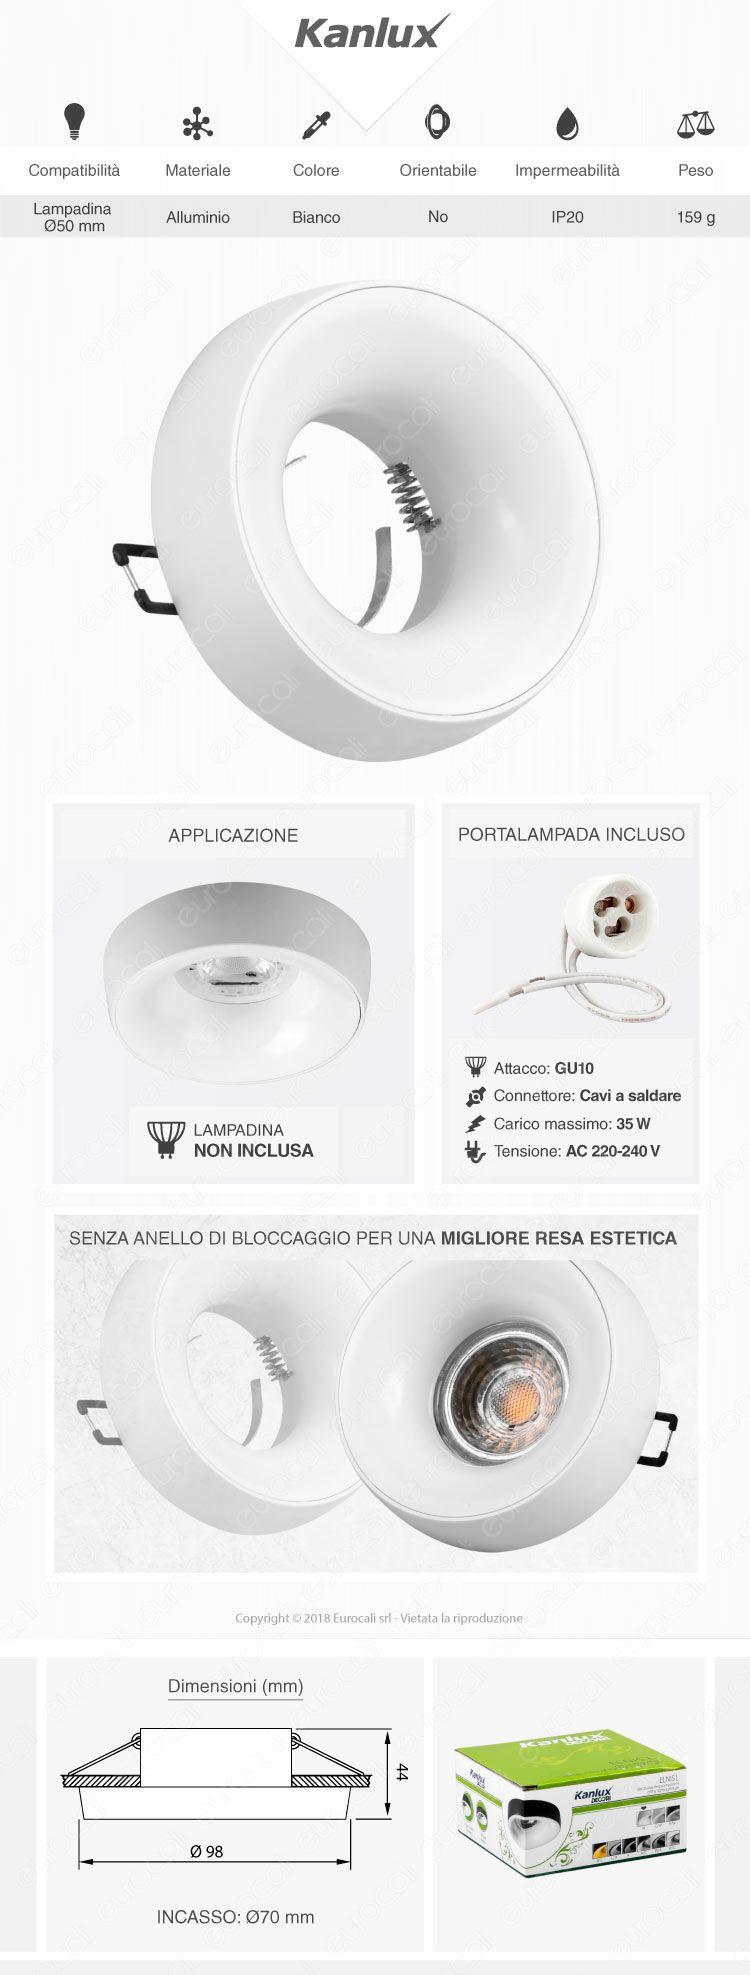 Kanlux ELNIS L Portafaretto Rotondo da Incasso Colore Bianco per Lampadine GU10 e GU5.3